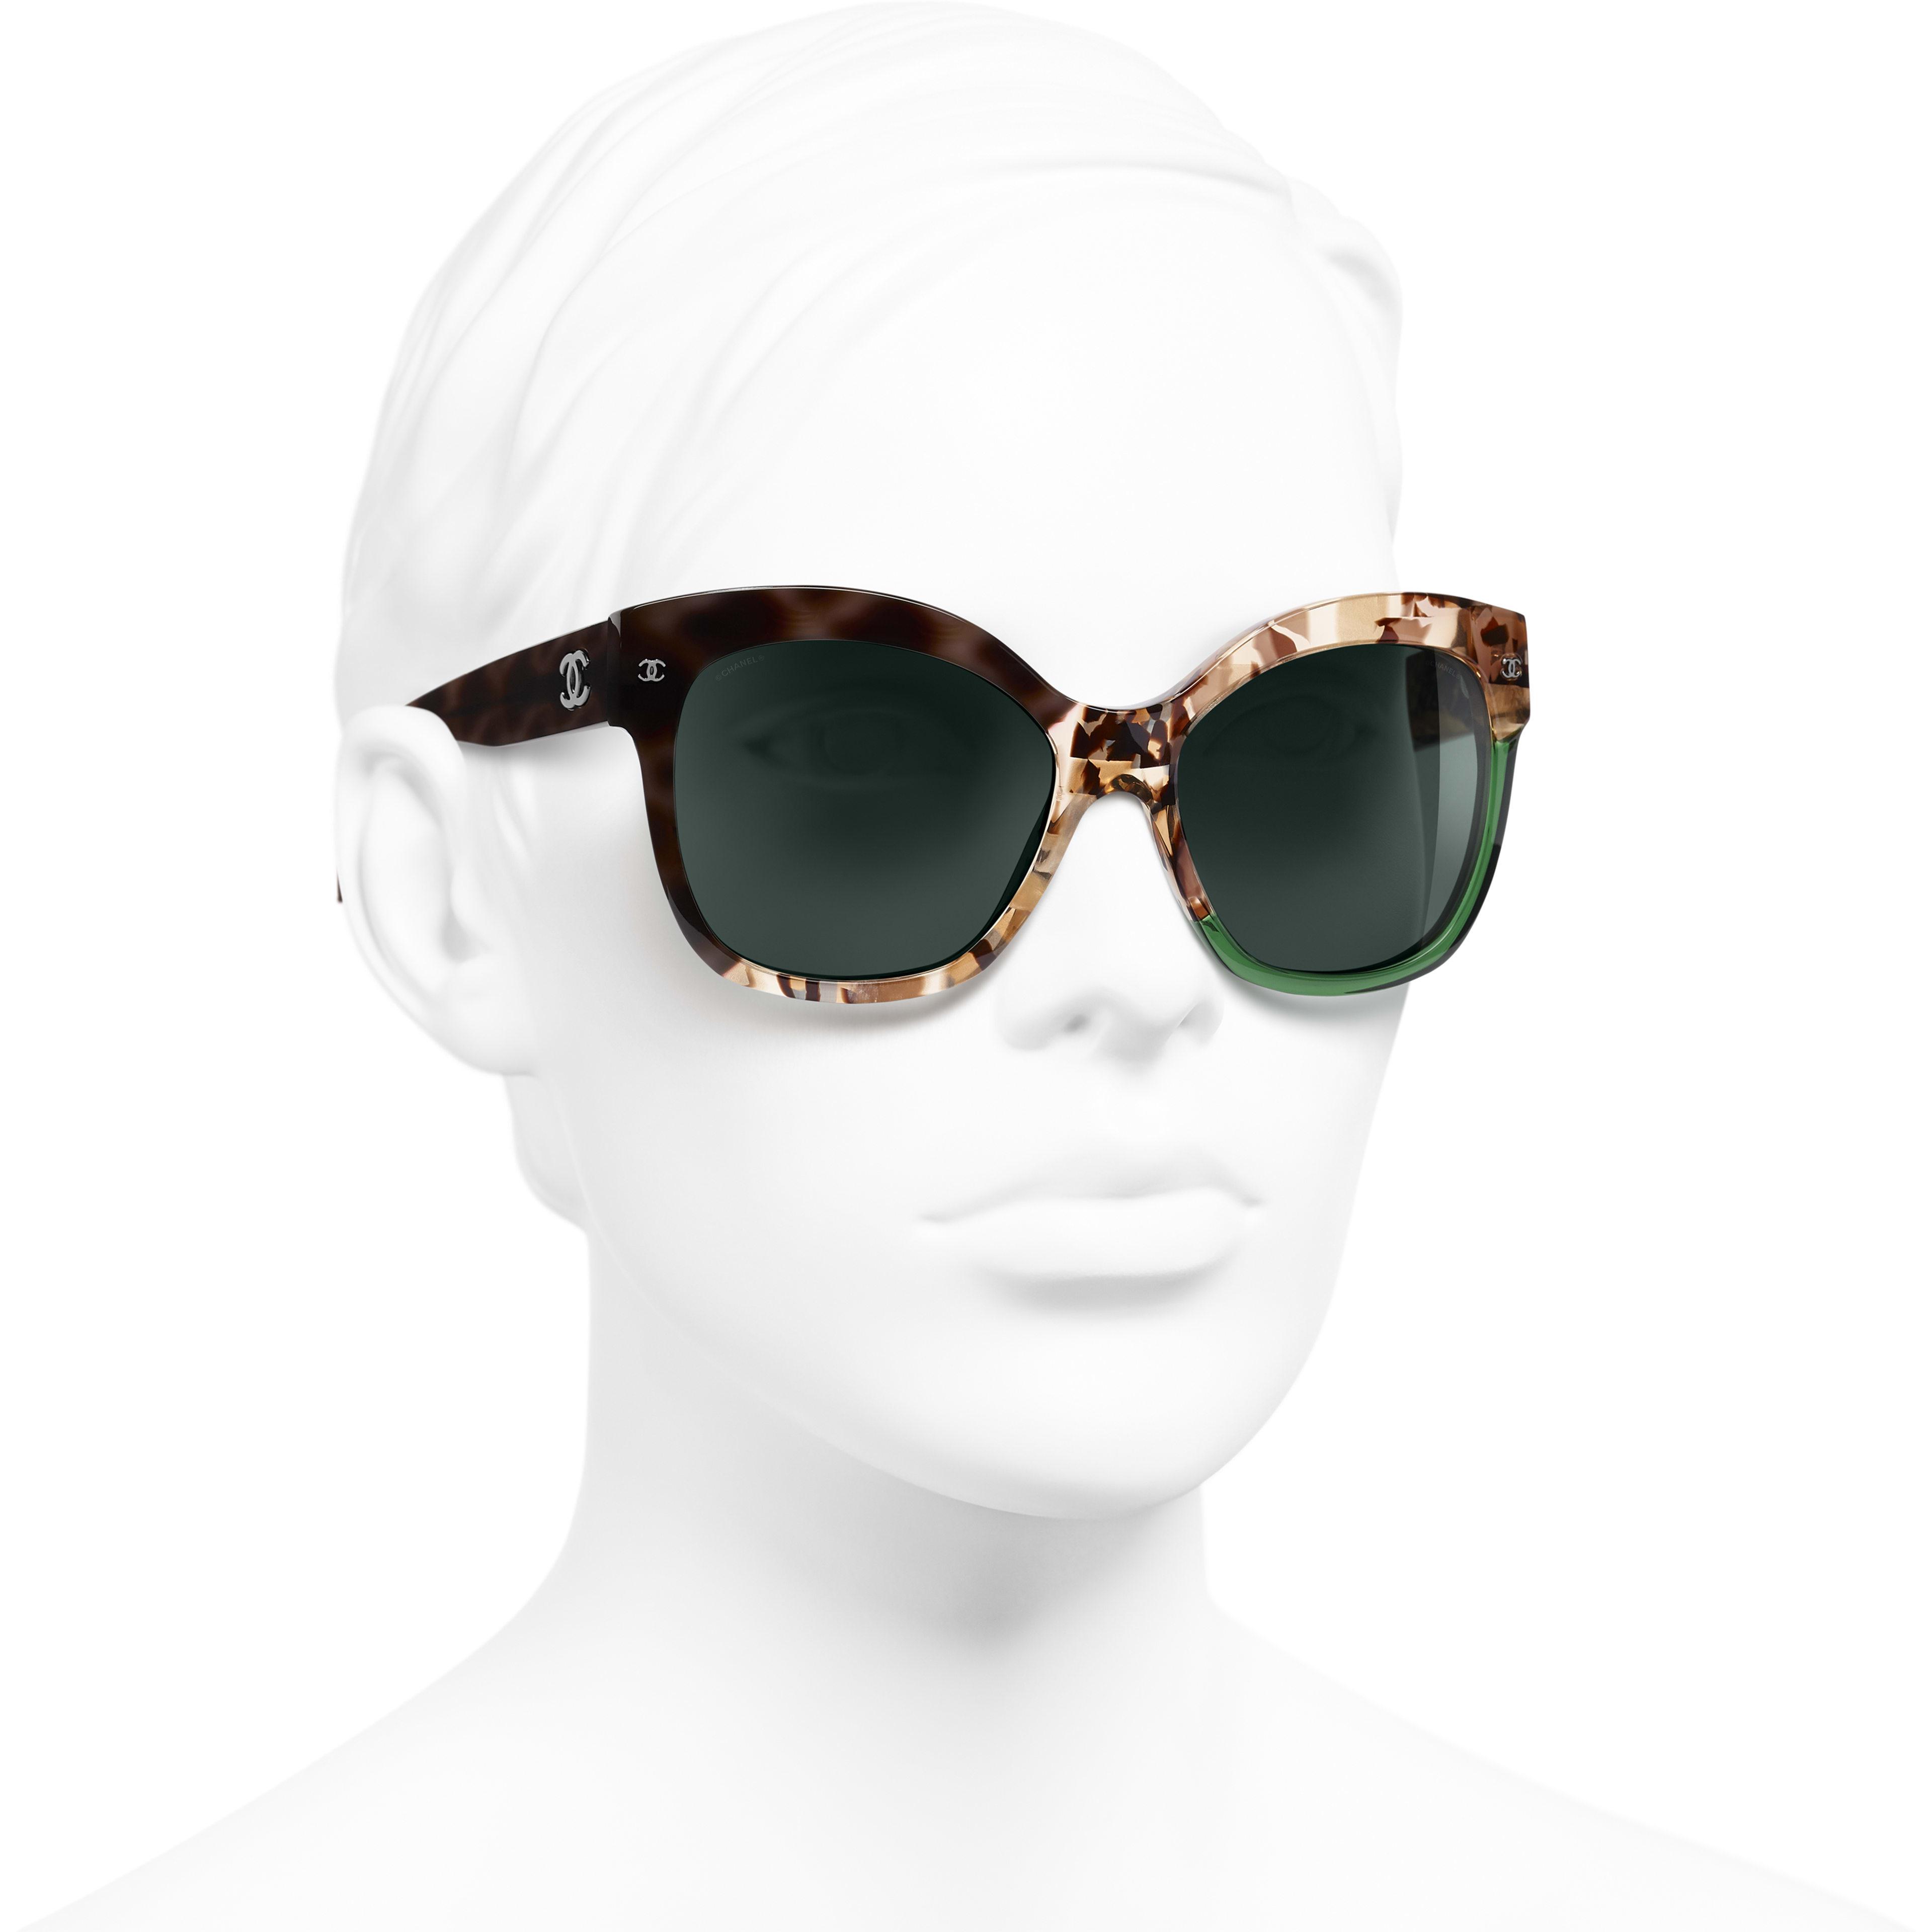 Óculos De Sol Em Formato Borboleta - Dark Tortoise & Green - Acetate - CHANEL - Vista 3/4 - ver a versão em tamanho standard